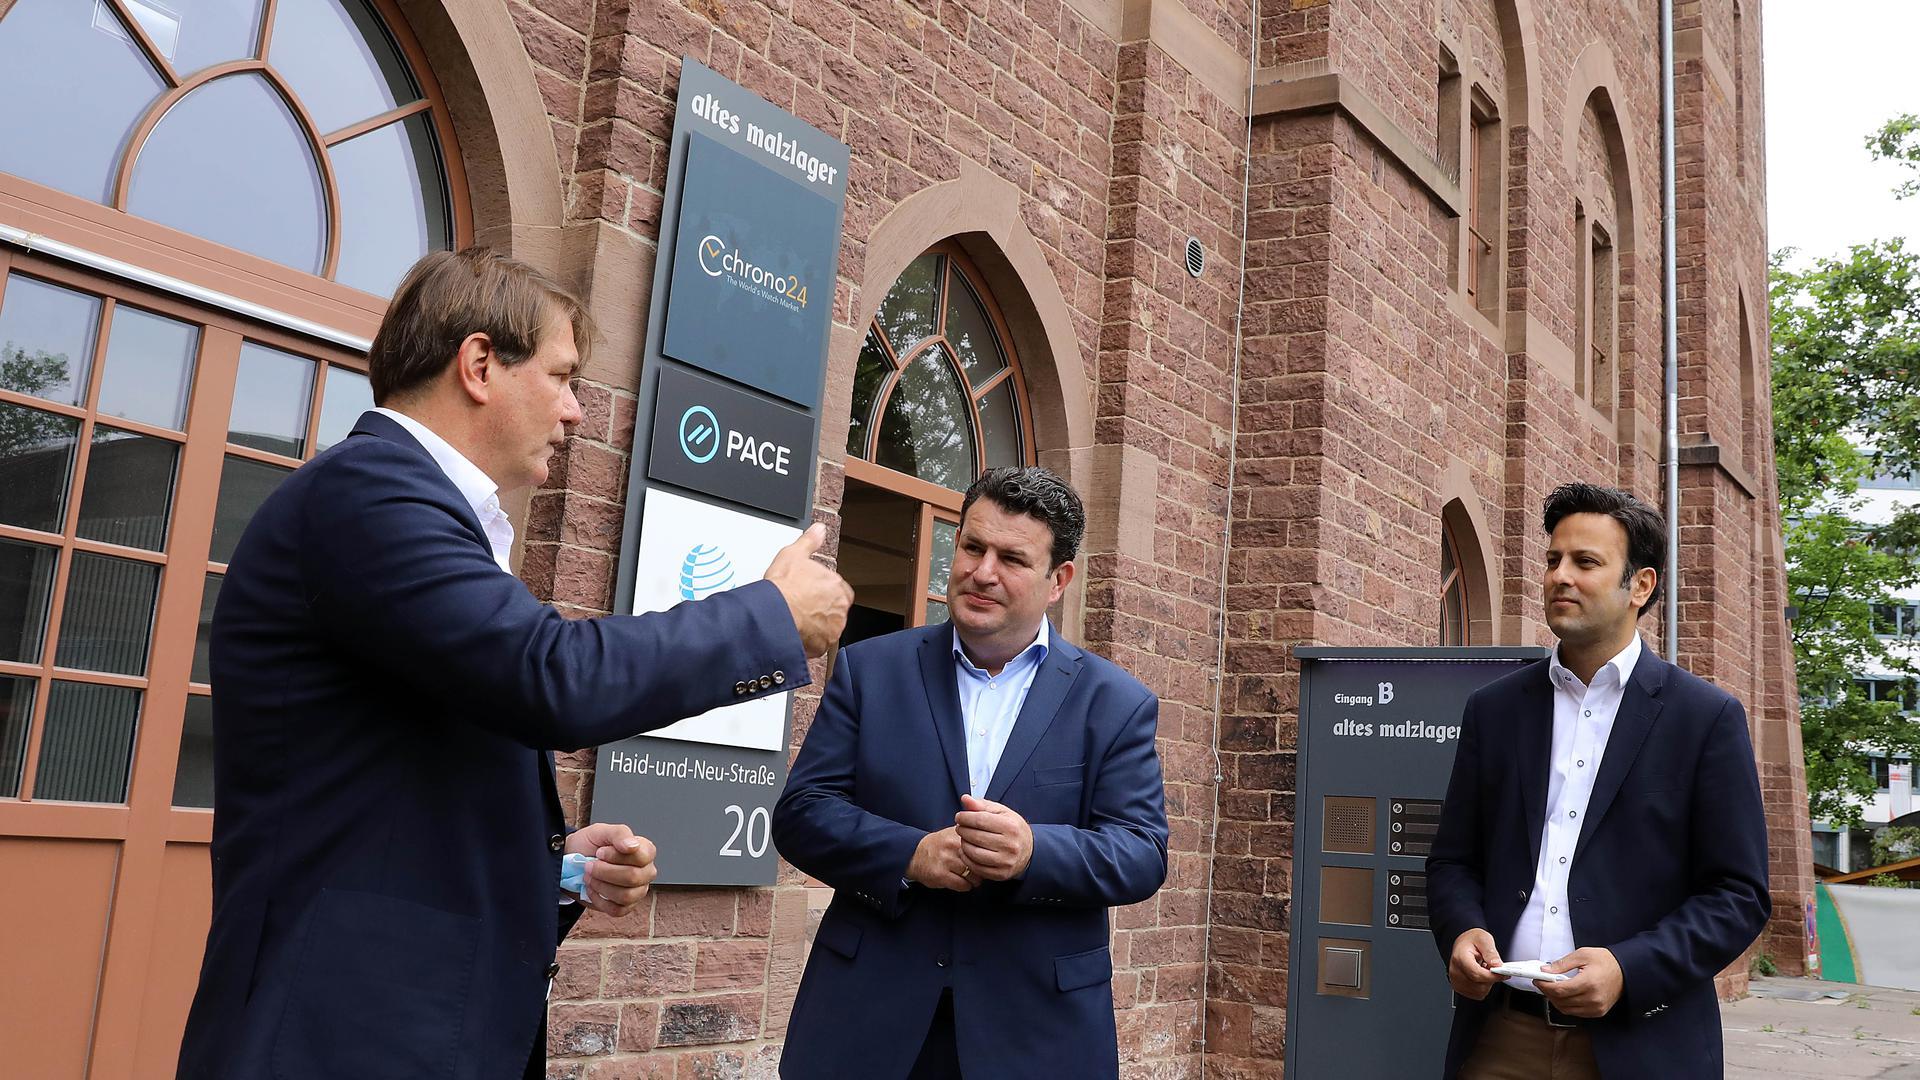 Zu Gast in Karlsruhe: Bundesarbeitsminister Hubertus Heil (Mitte) diskutiert mit dem Geschäftsführer des Cyber-Forums, David Hermanns (links), und dem SPD-Bundestagskandidaten Parsa Marvi über die Arbeit der Zukunft.